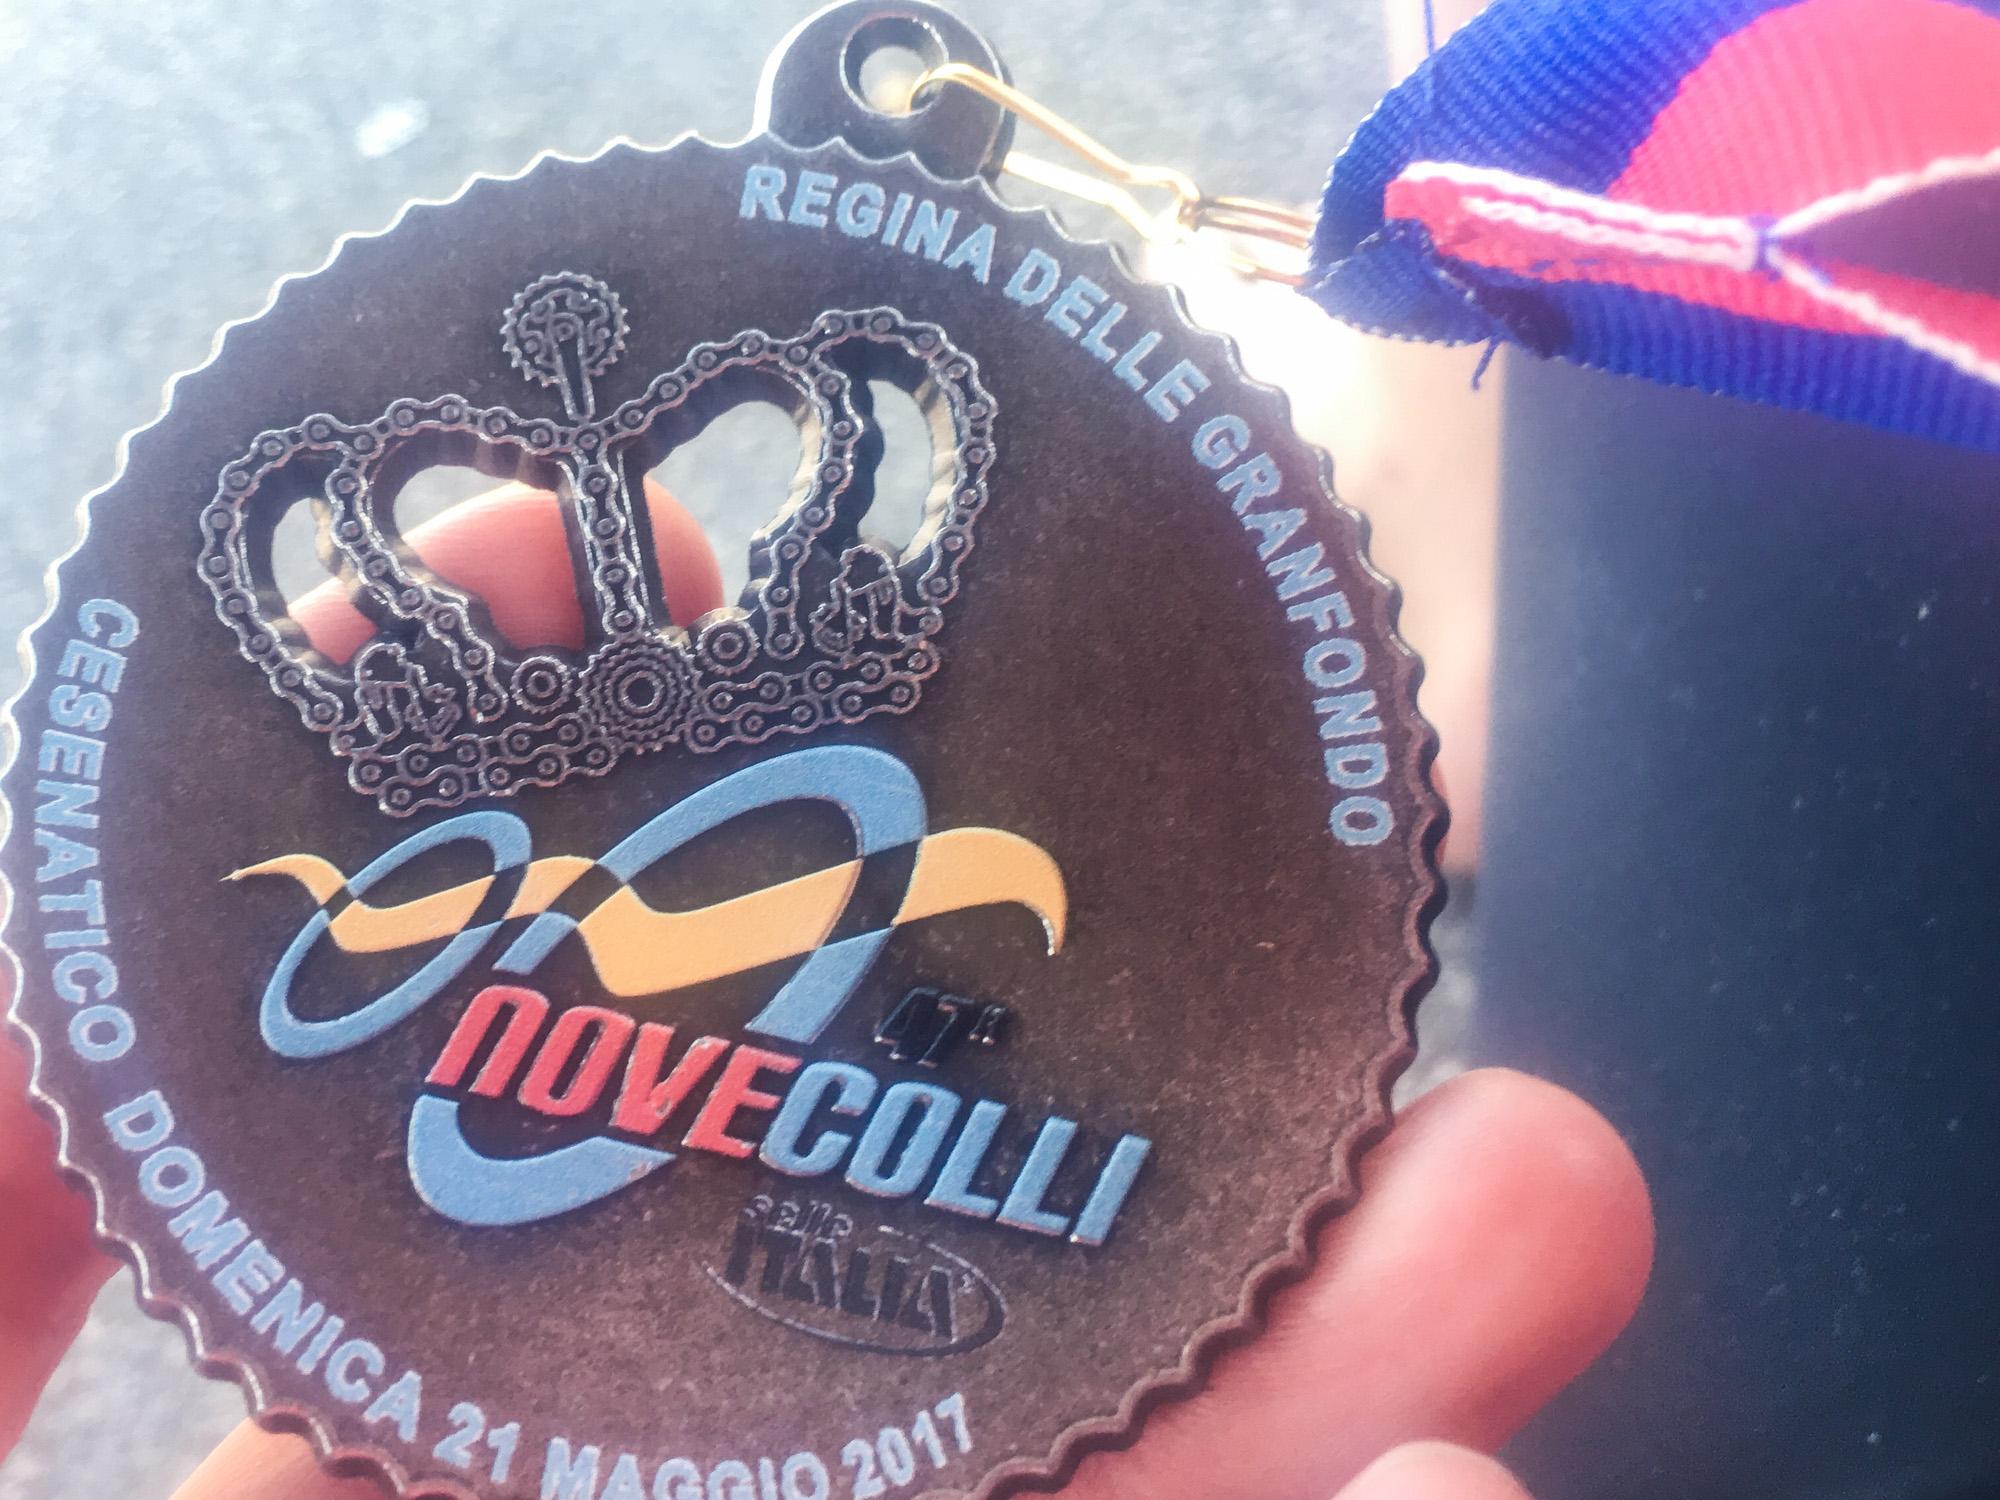 Die Medaille des Granfondo Nove Colli in Cesenatico 2017